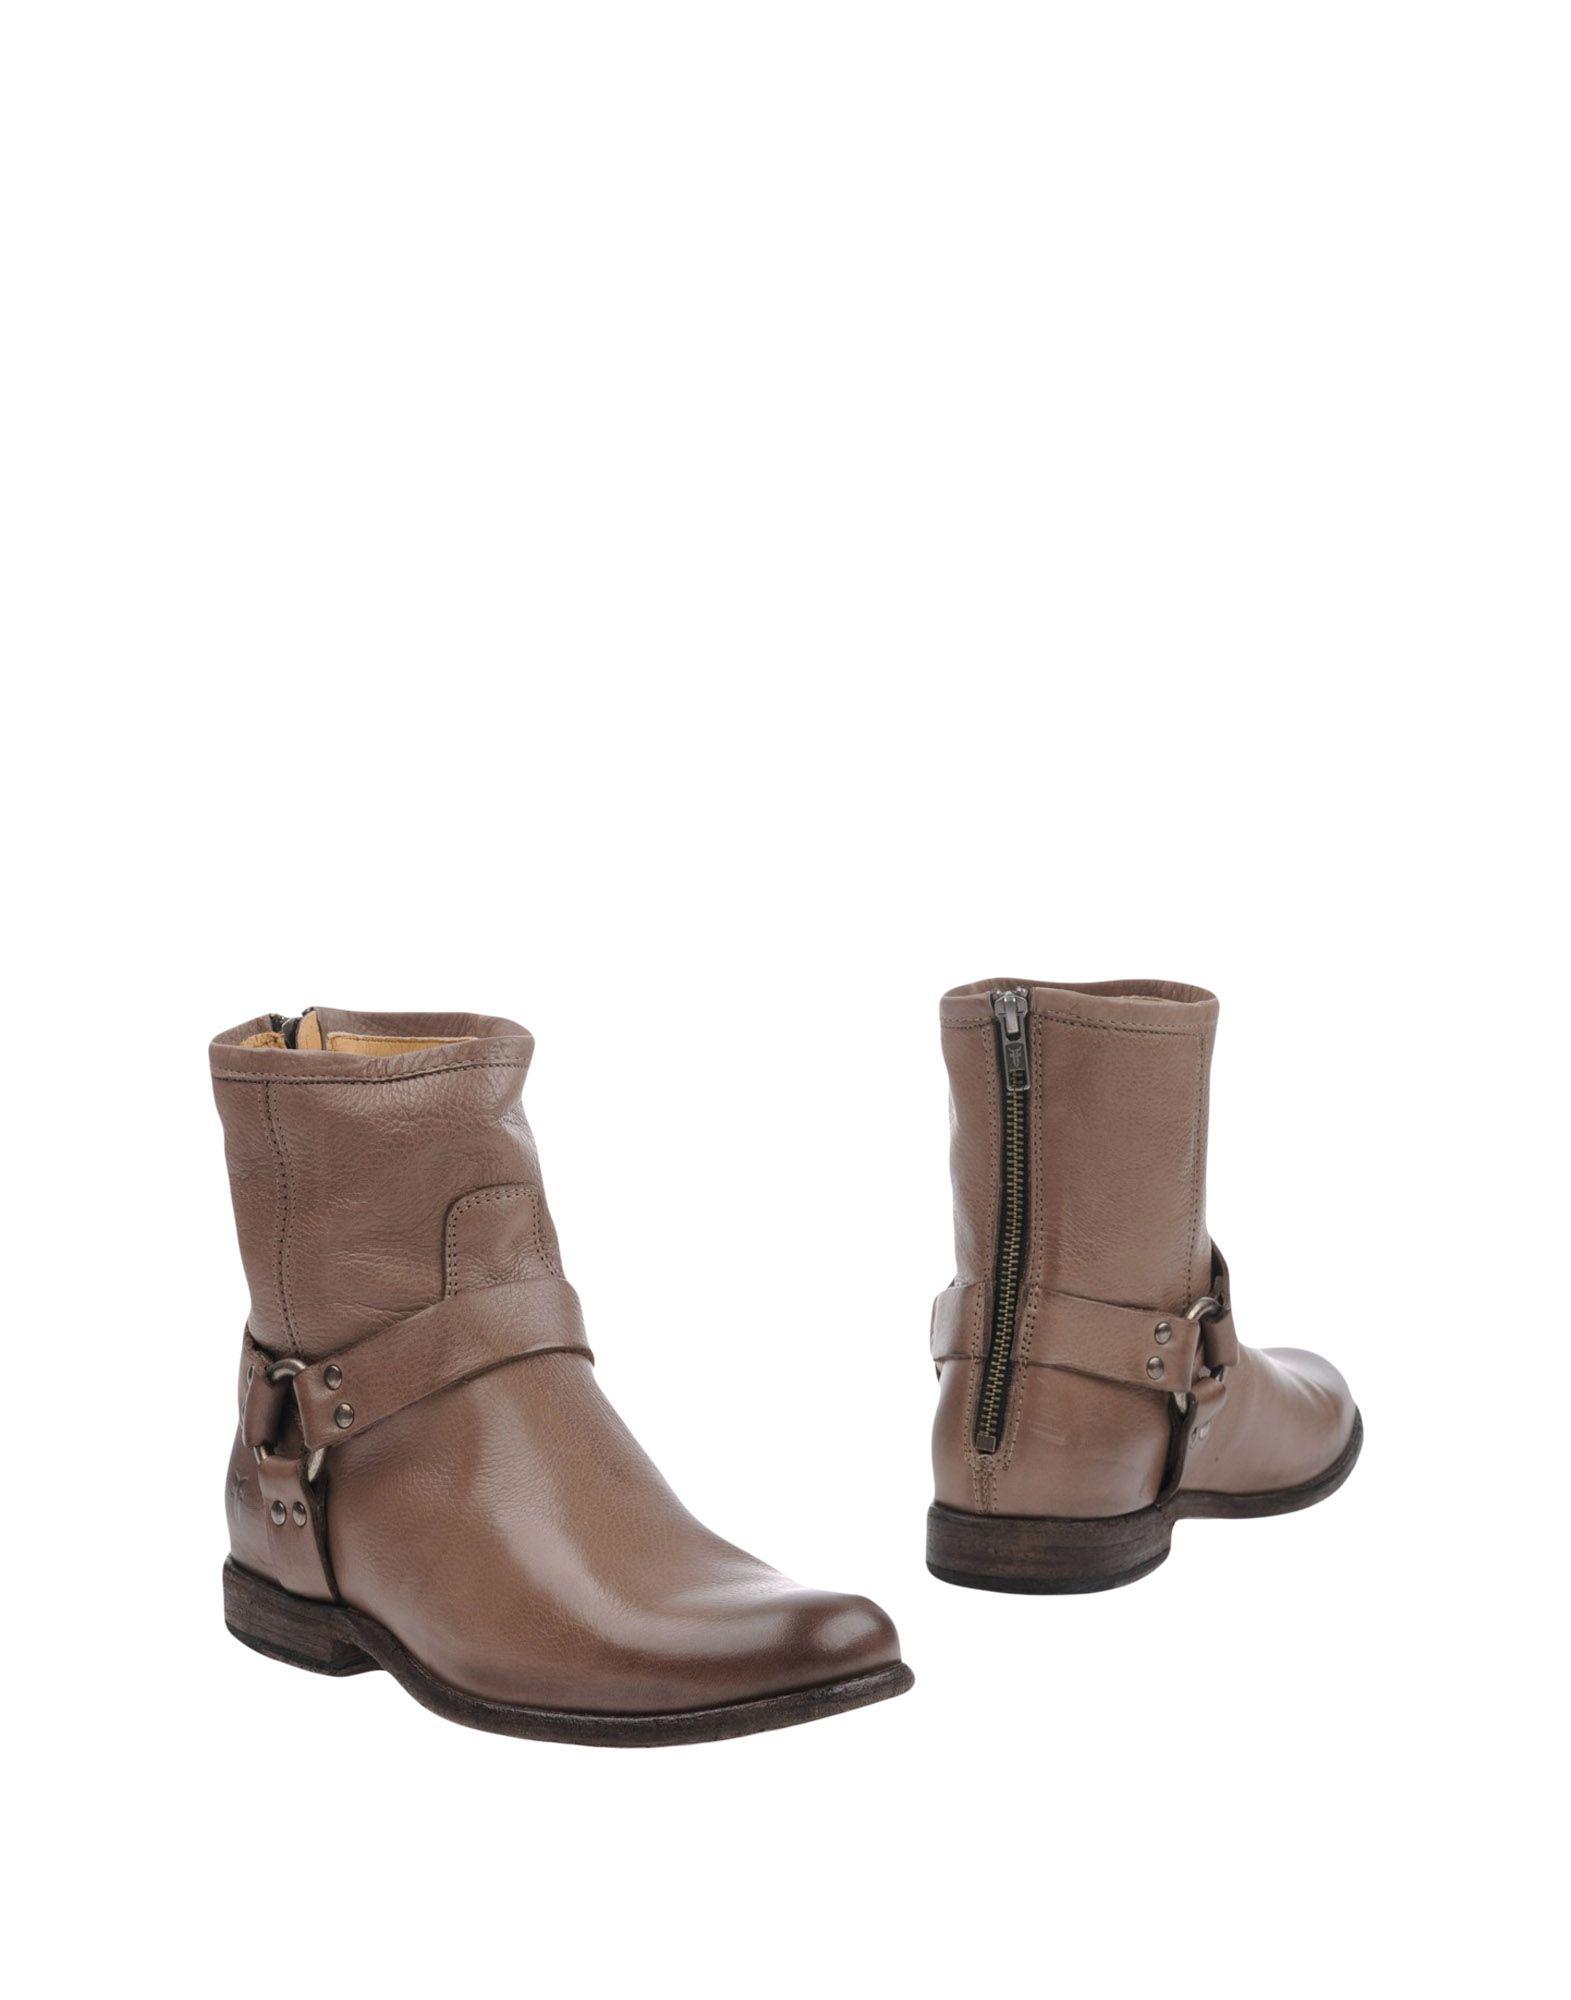 Rabatt Schuhe Frye Stiefelette  Damen  Stiefelette 11225082SU 7fedf2